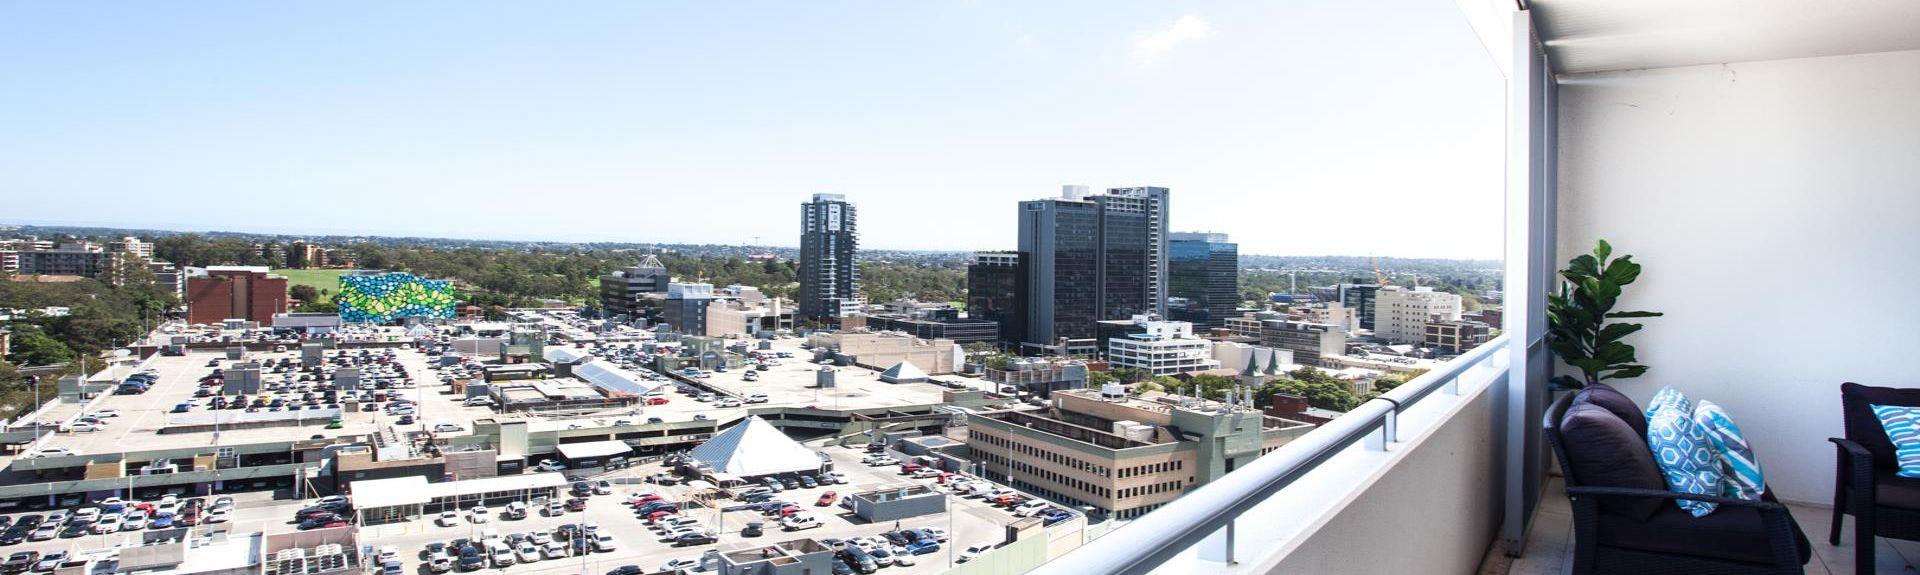 Fairfield City Council, Nova Gales do Sul, Austrália